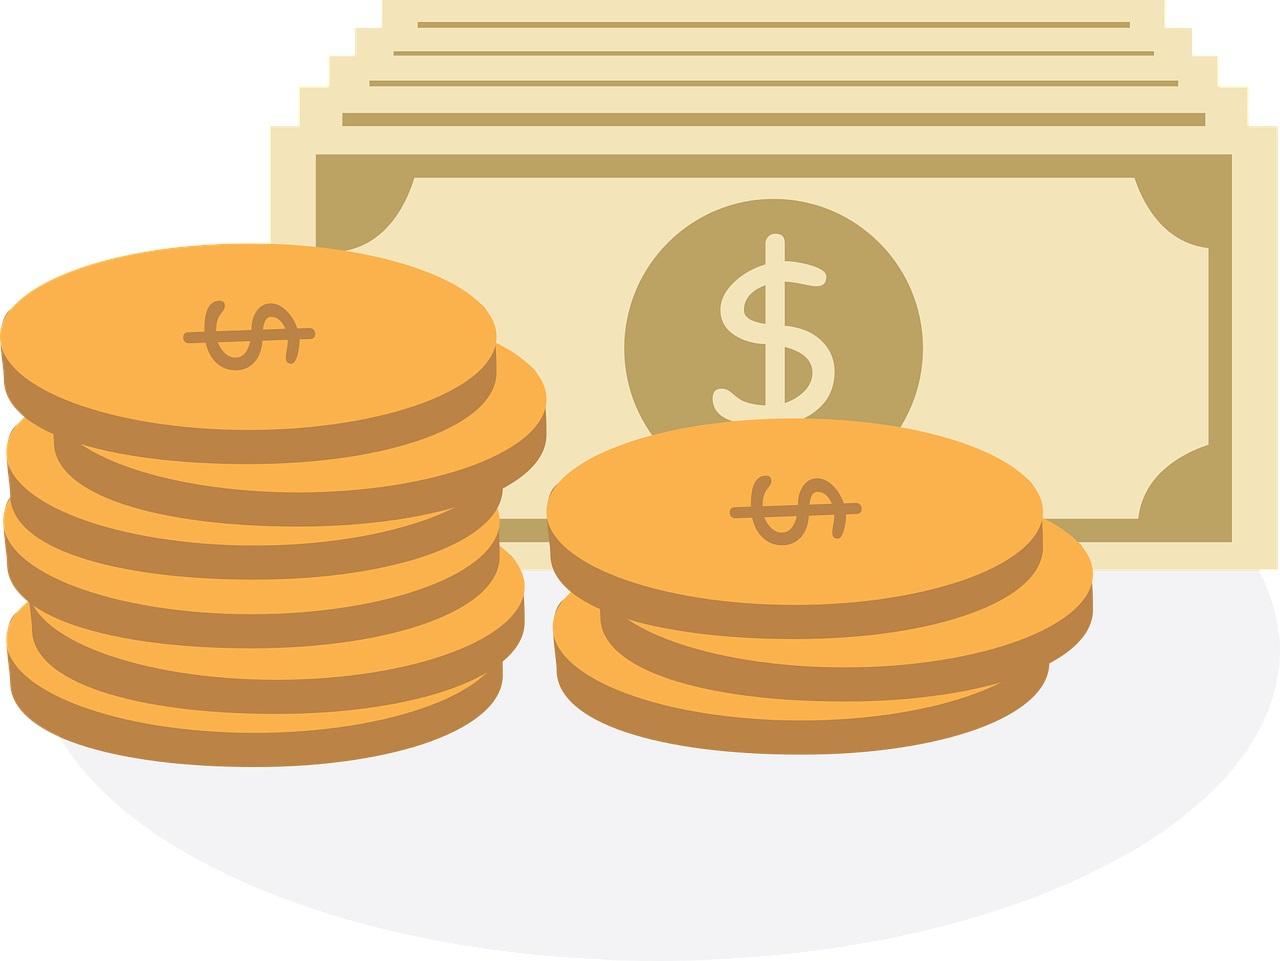 Finances During Coronavirus